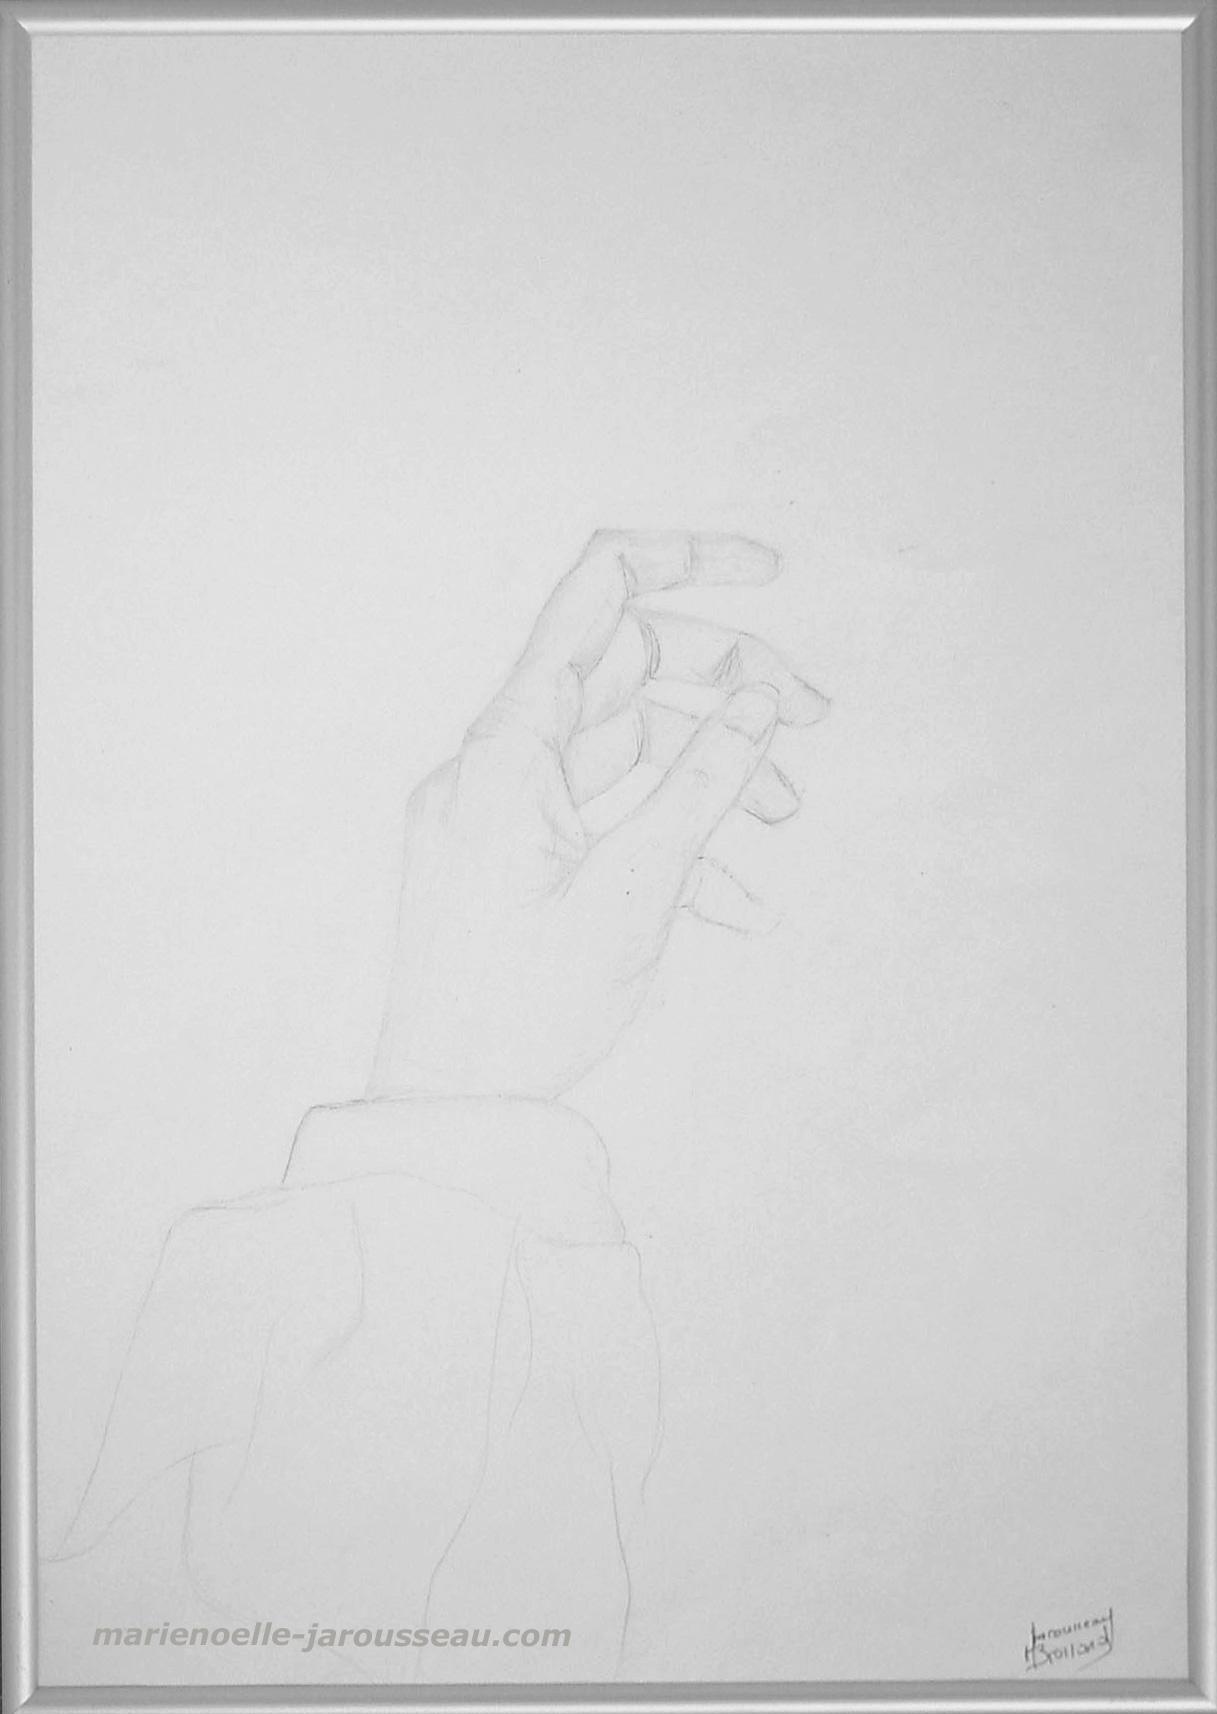 LA MAIN S'EVEILLE -Crayon - 30,5 x 42,5